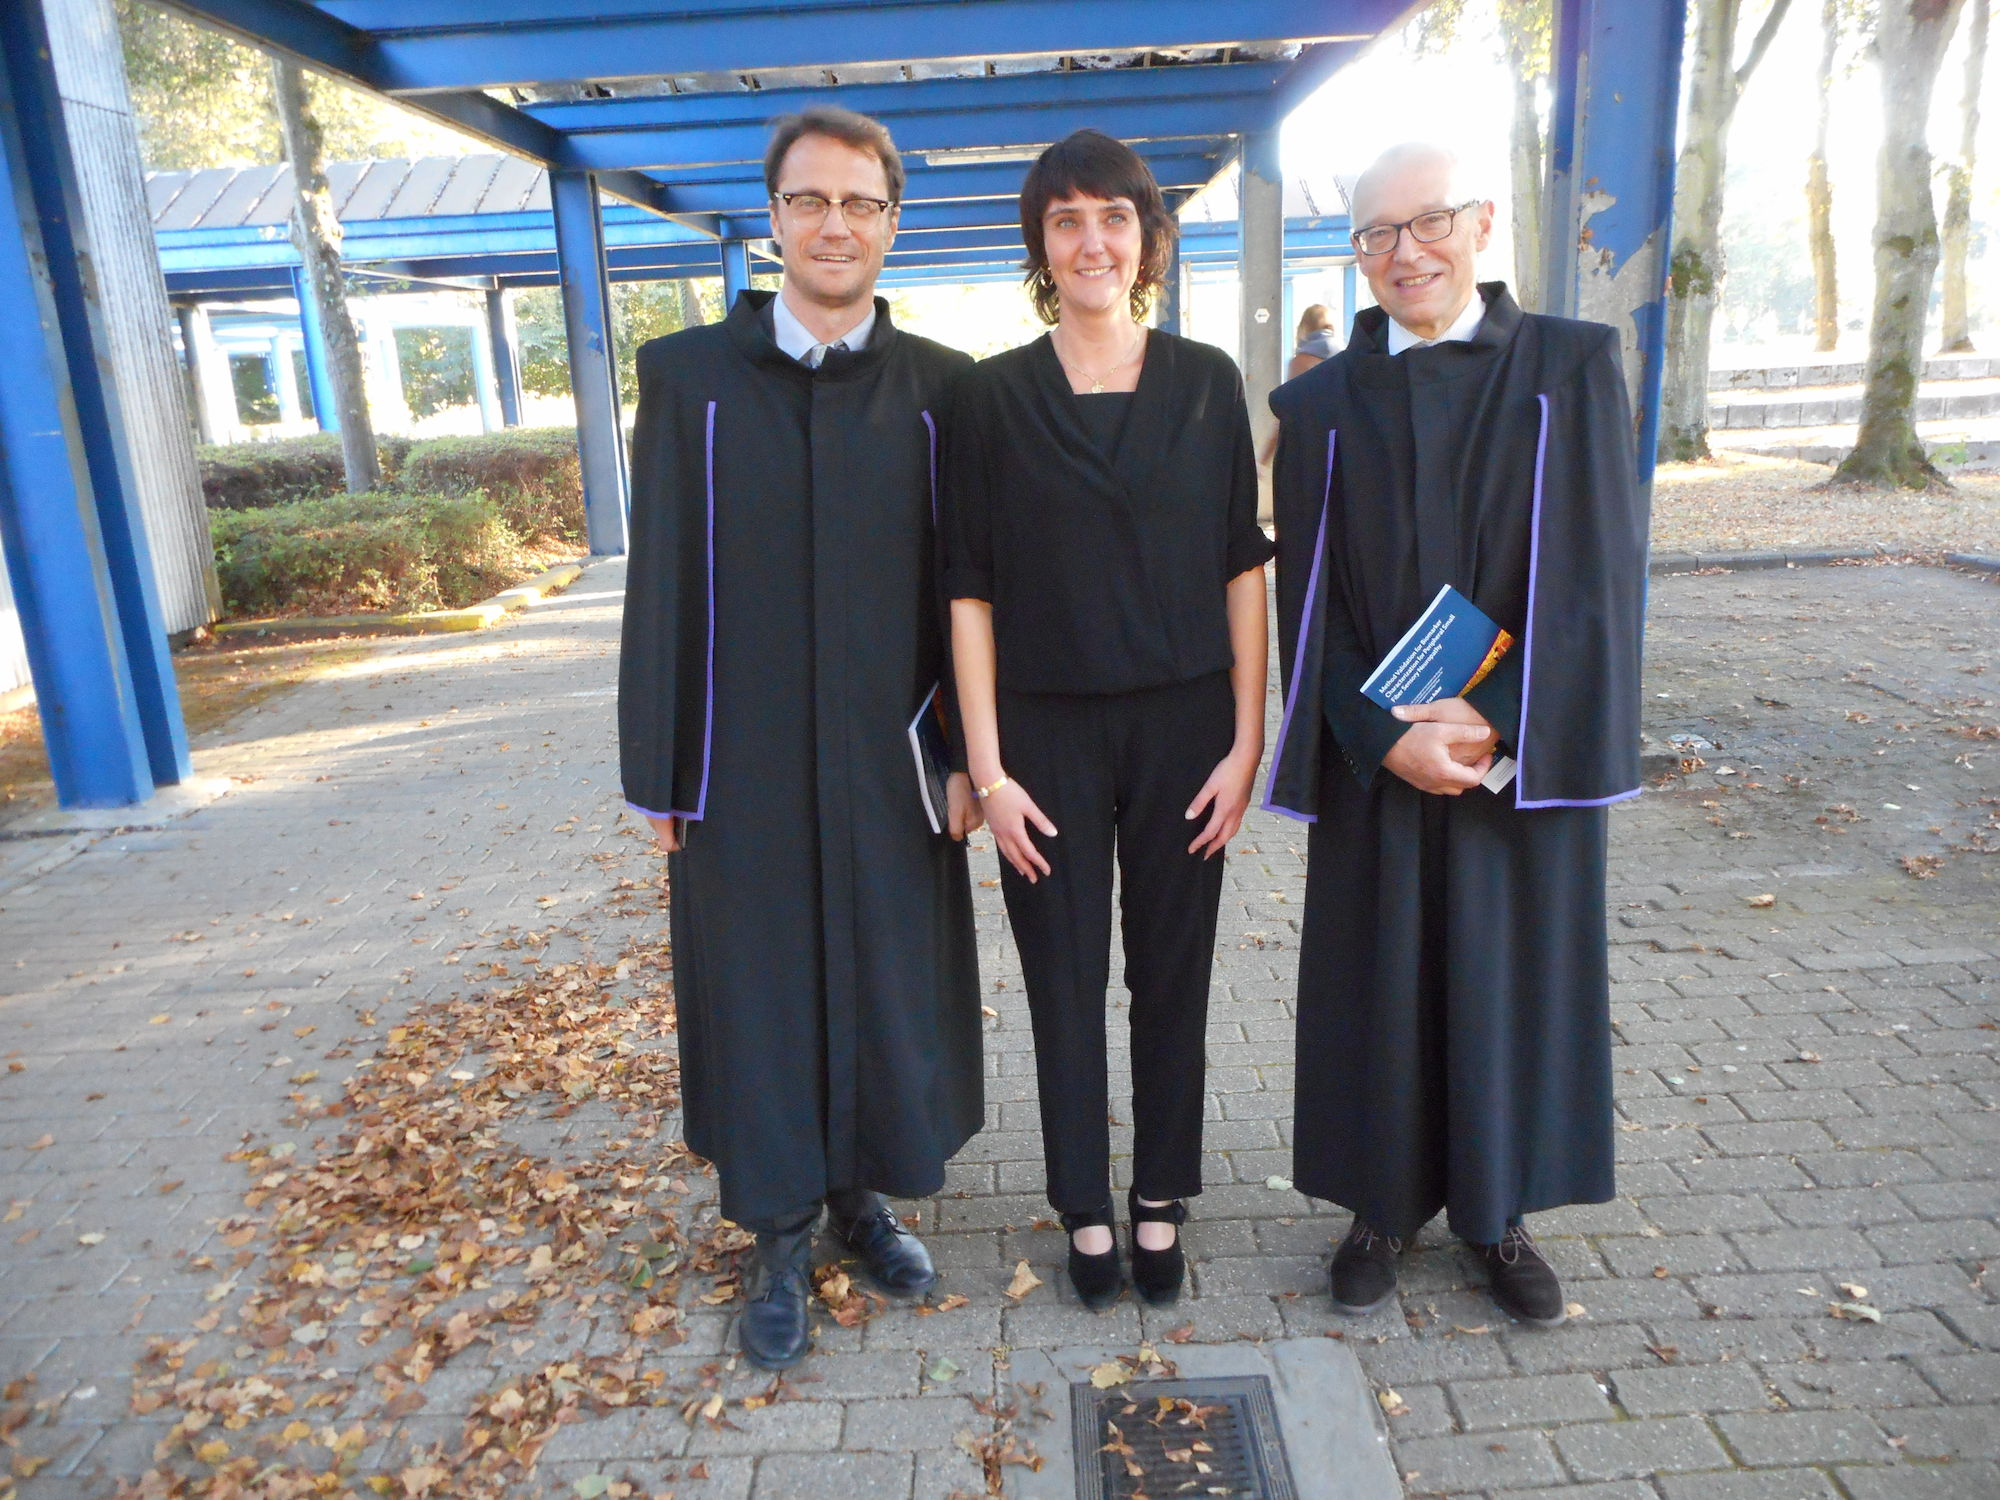 Doctoraatsverdediging Nathalie Van Acker - 5 oktober 2016